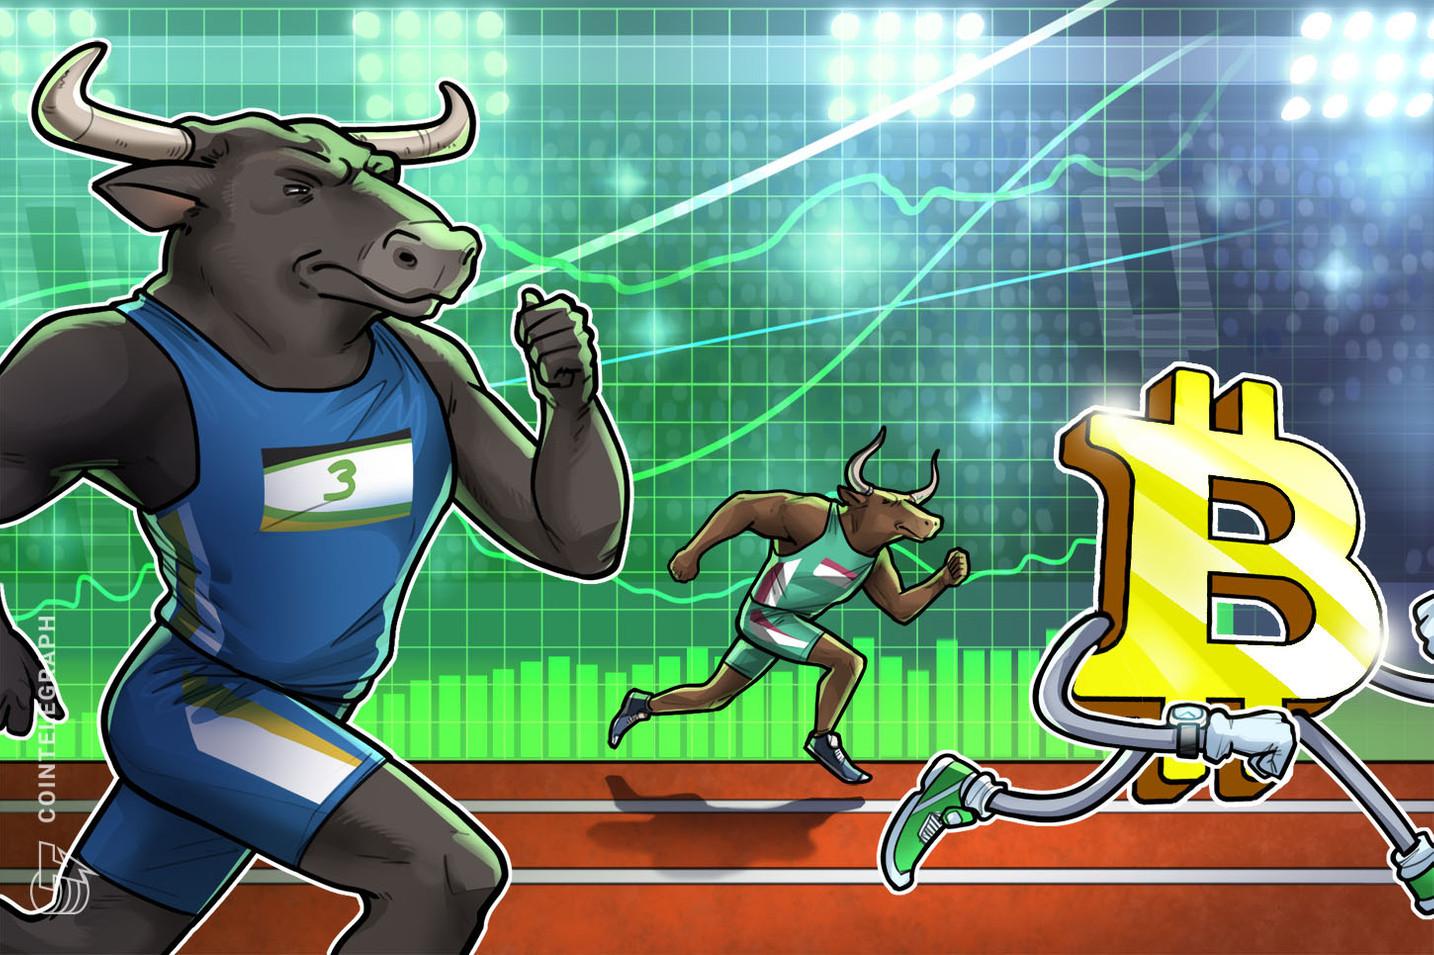 Uzman yatırımcı: Türk lirasıyla Bitcoin alan asla zarar etmez!